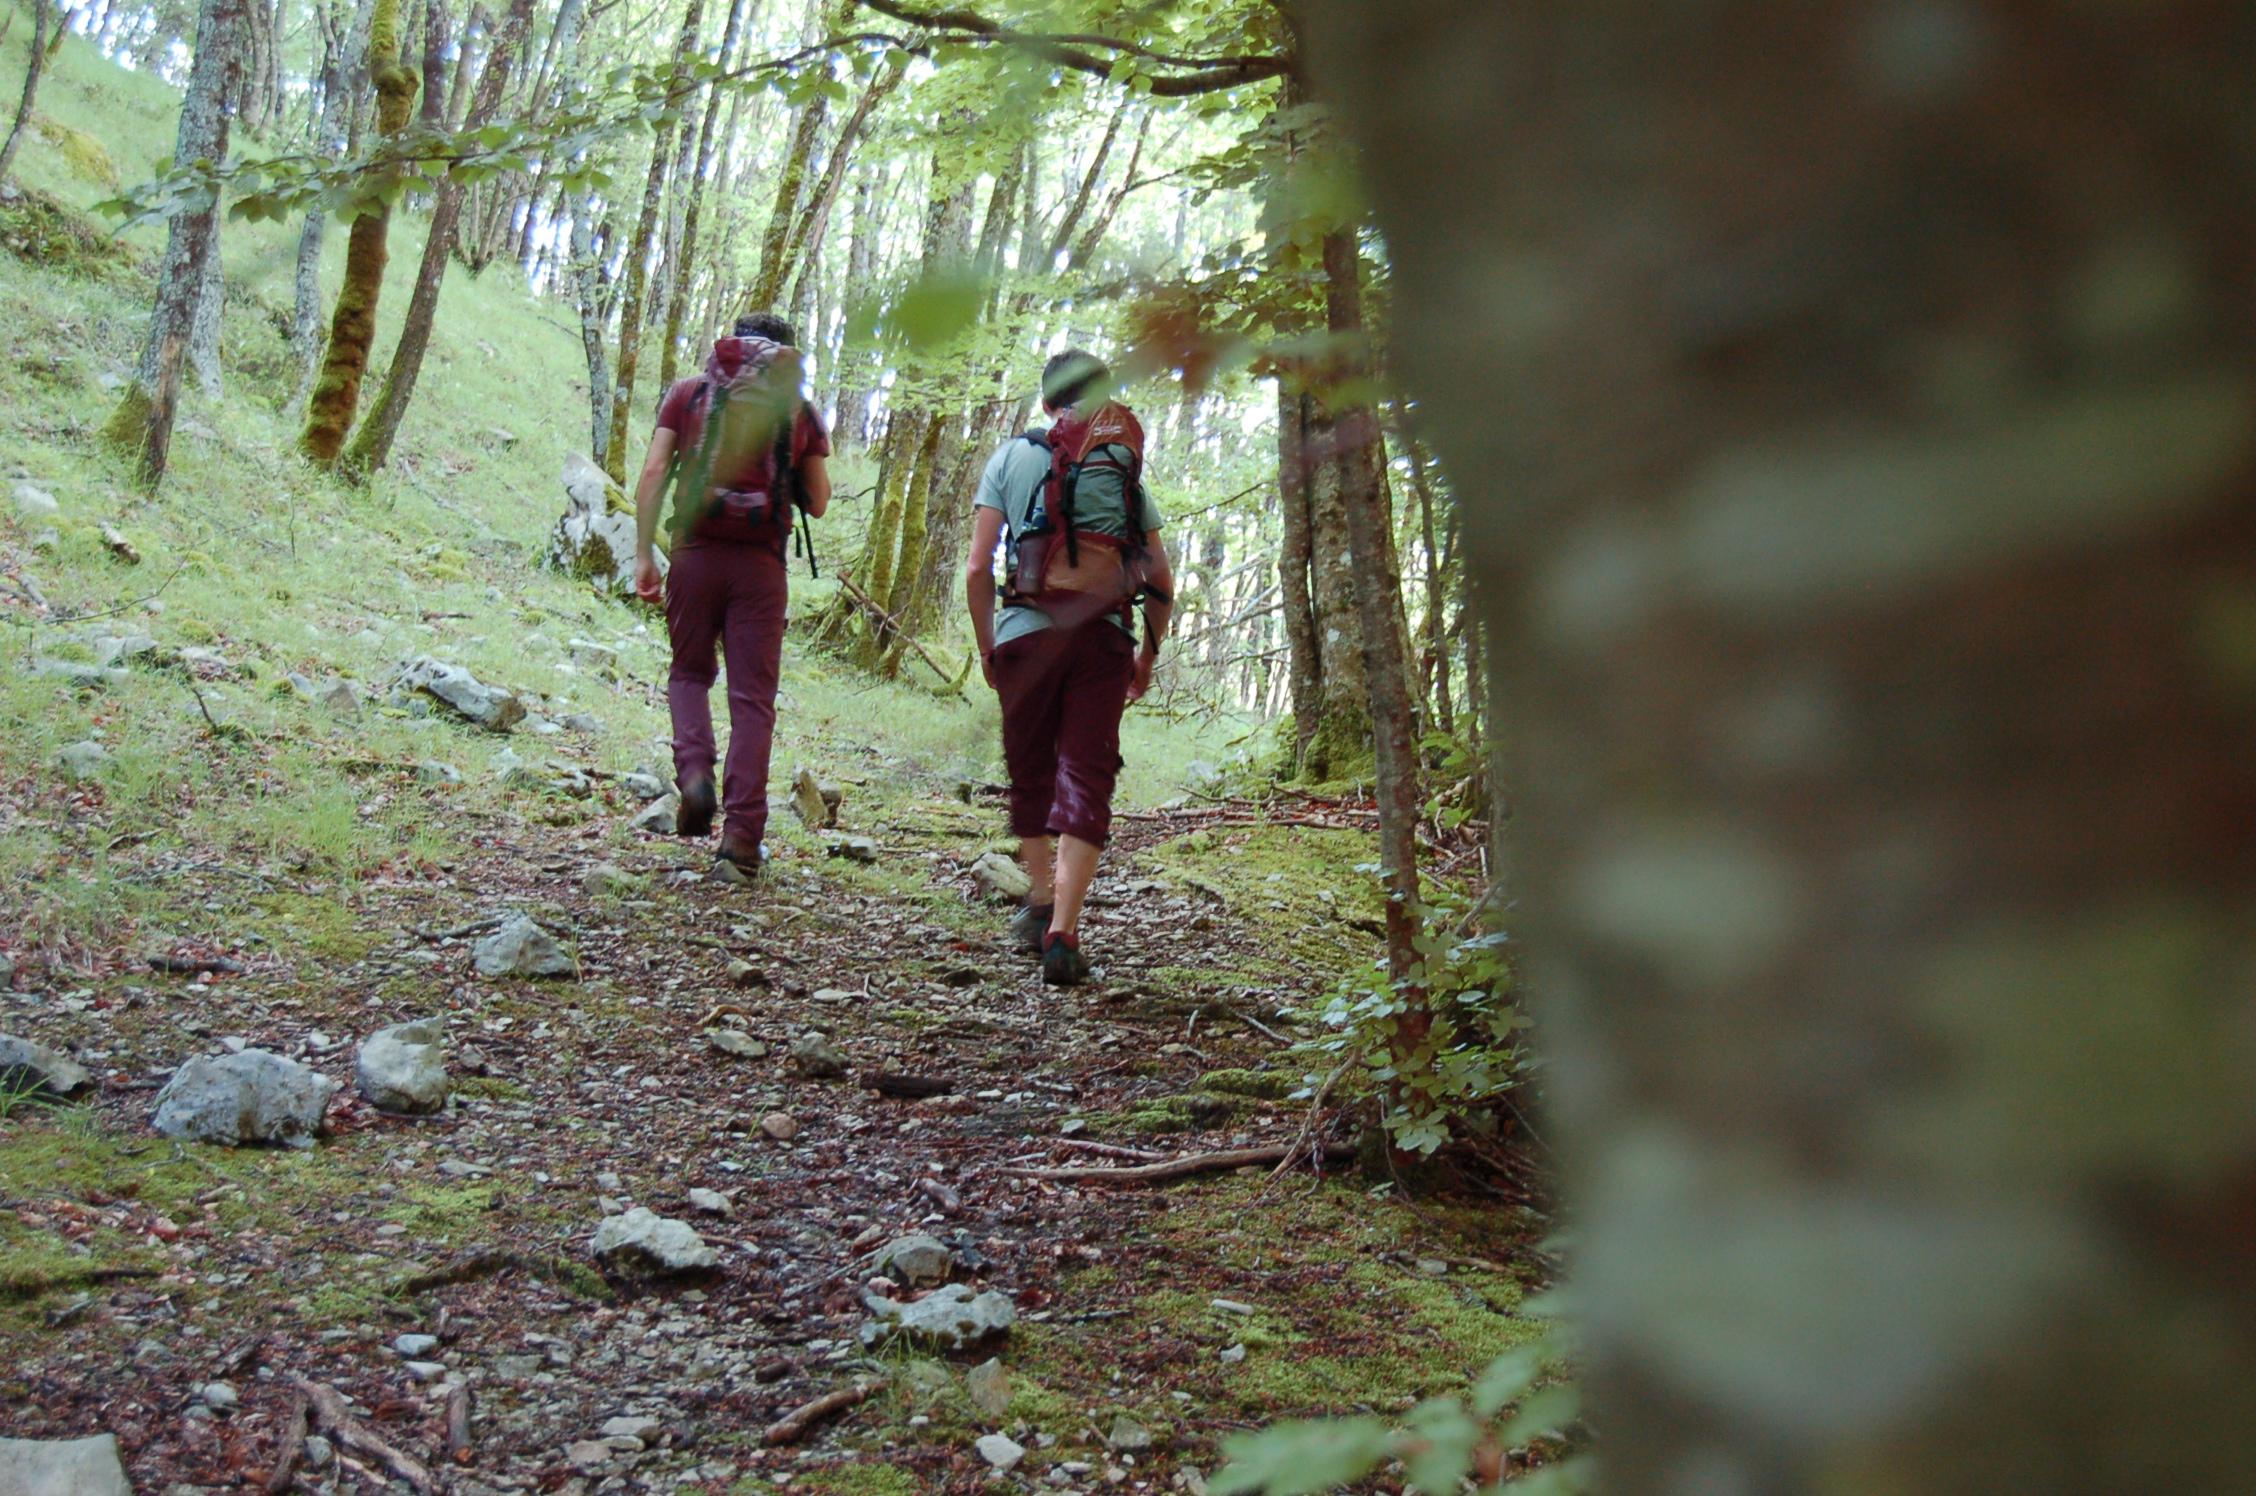 Escursioni-Giornaliere-nel-Parco-nazionale-abruzzo-lazio-molise